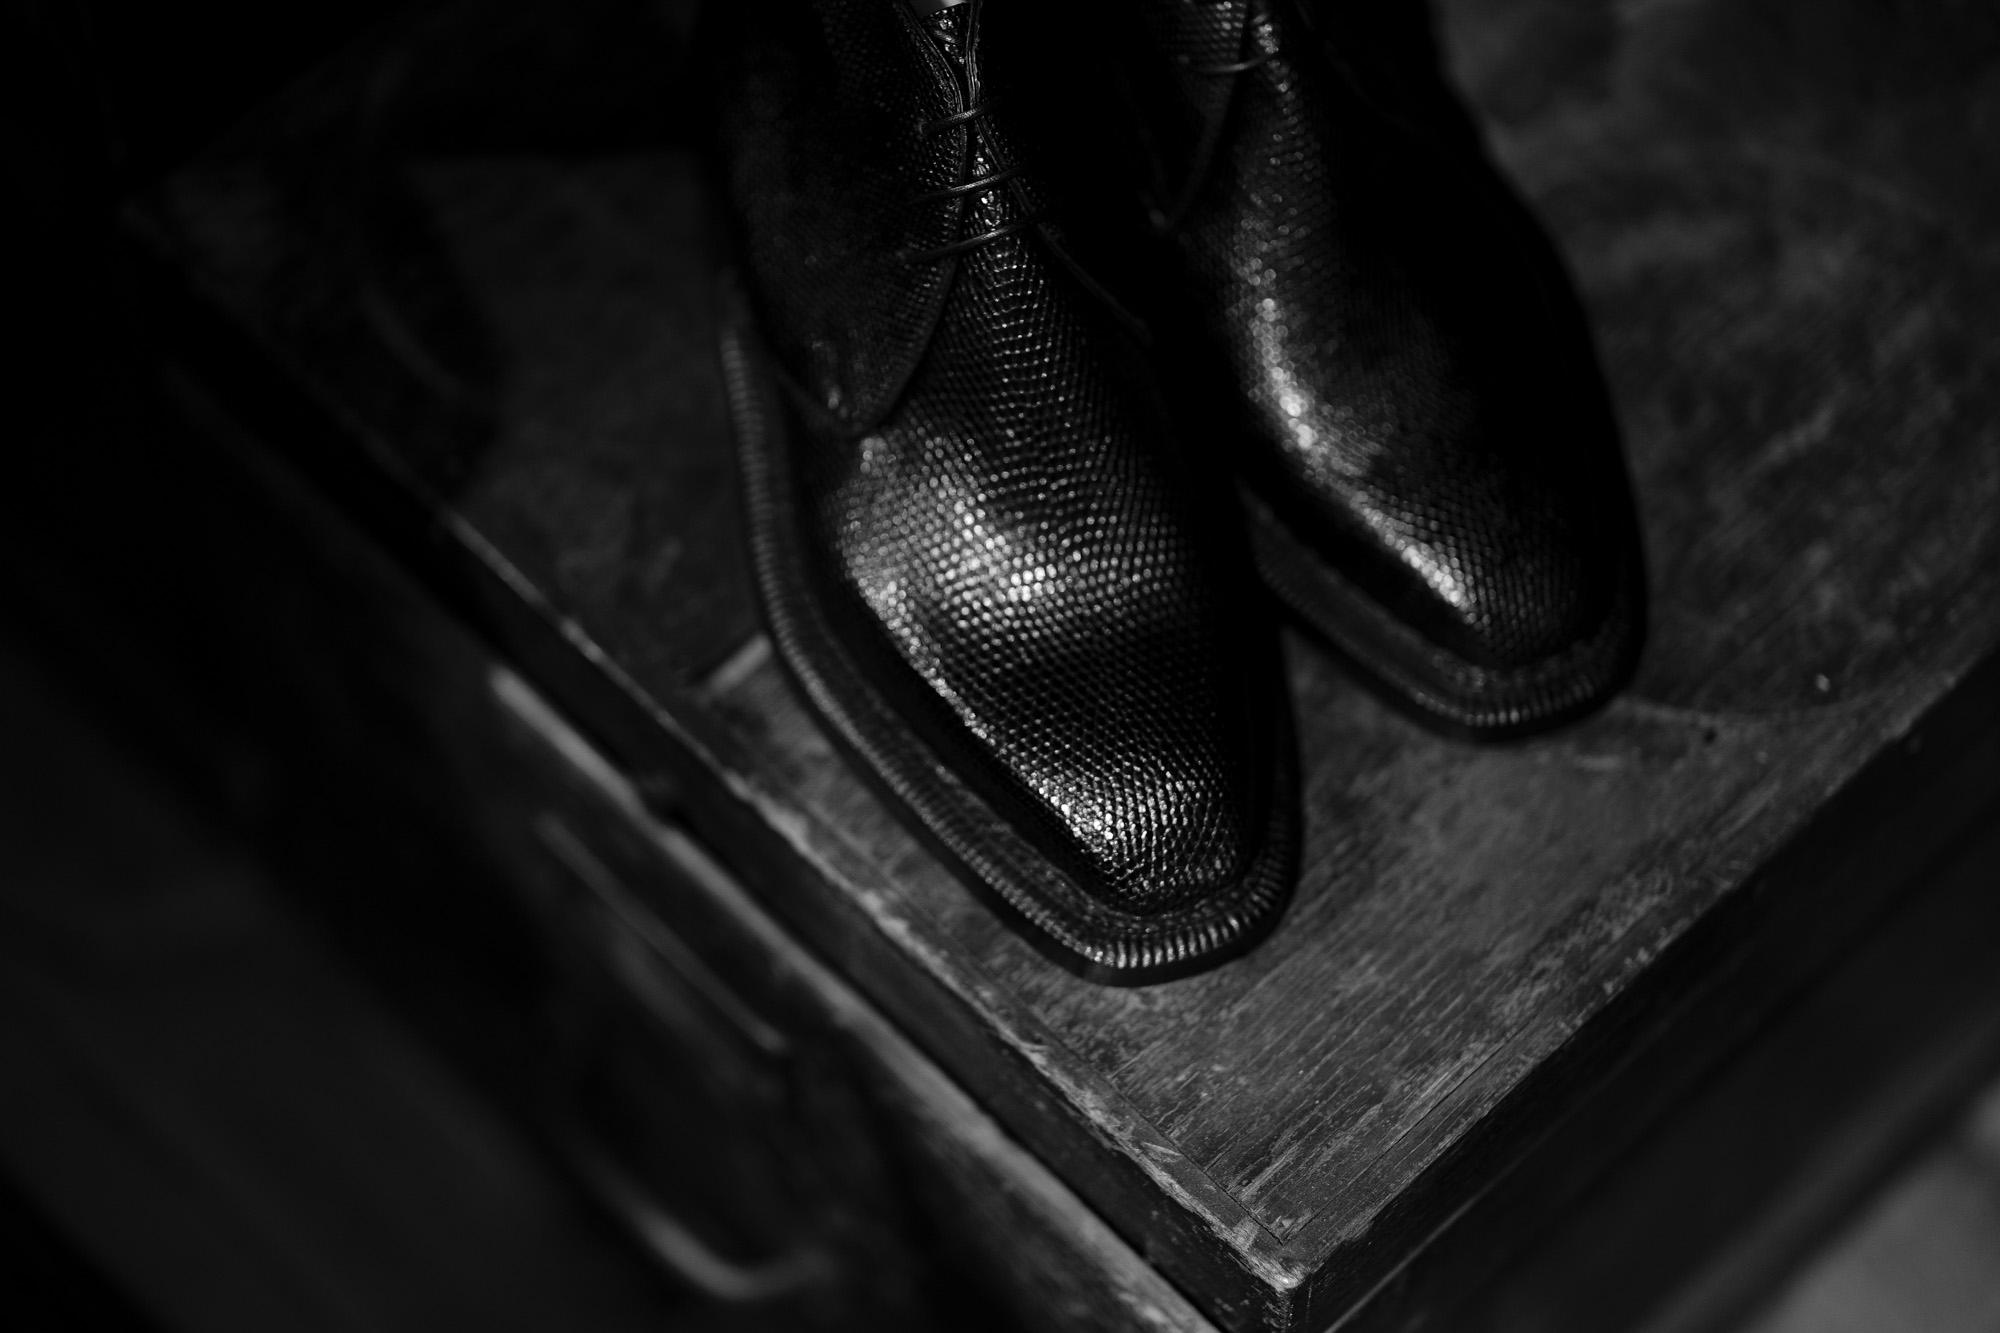 ENZO BONAFE (エンツォボナフェ) ART.3722 Chukka boots LIZARD (リザード) リザードレザー チャッカブーツ NERO (ブラック) made in italy (イタリア製) 2021 愛知 名古屋 Alto e Diritto altoediritto アルトエデリット